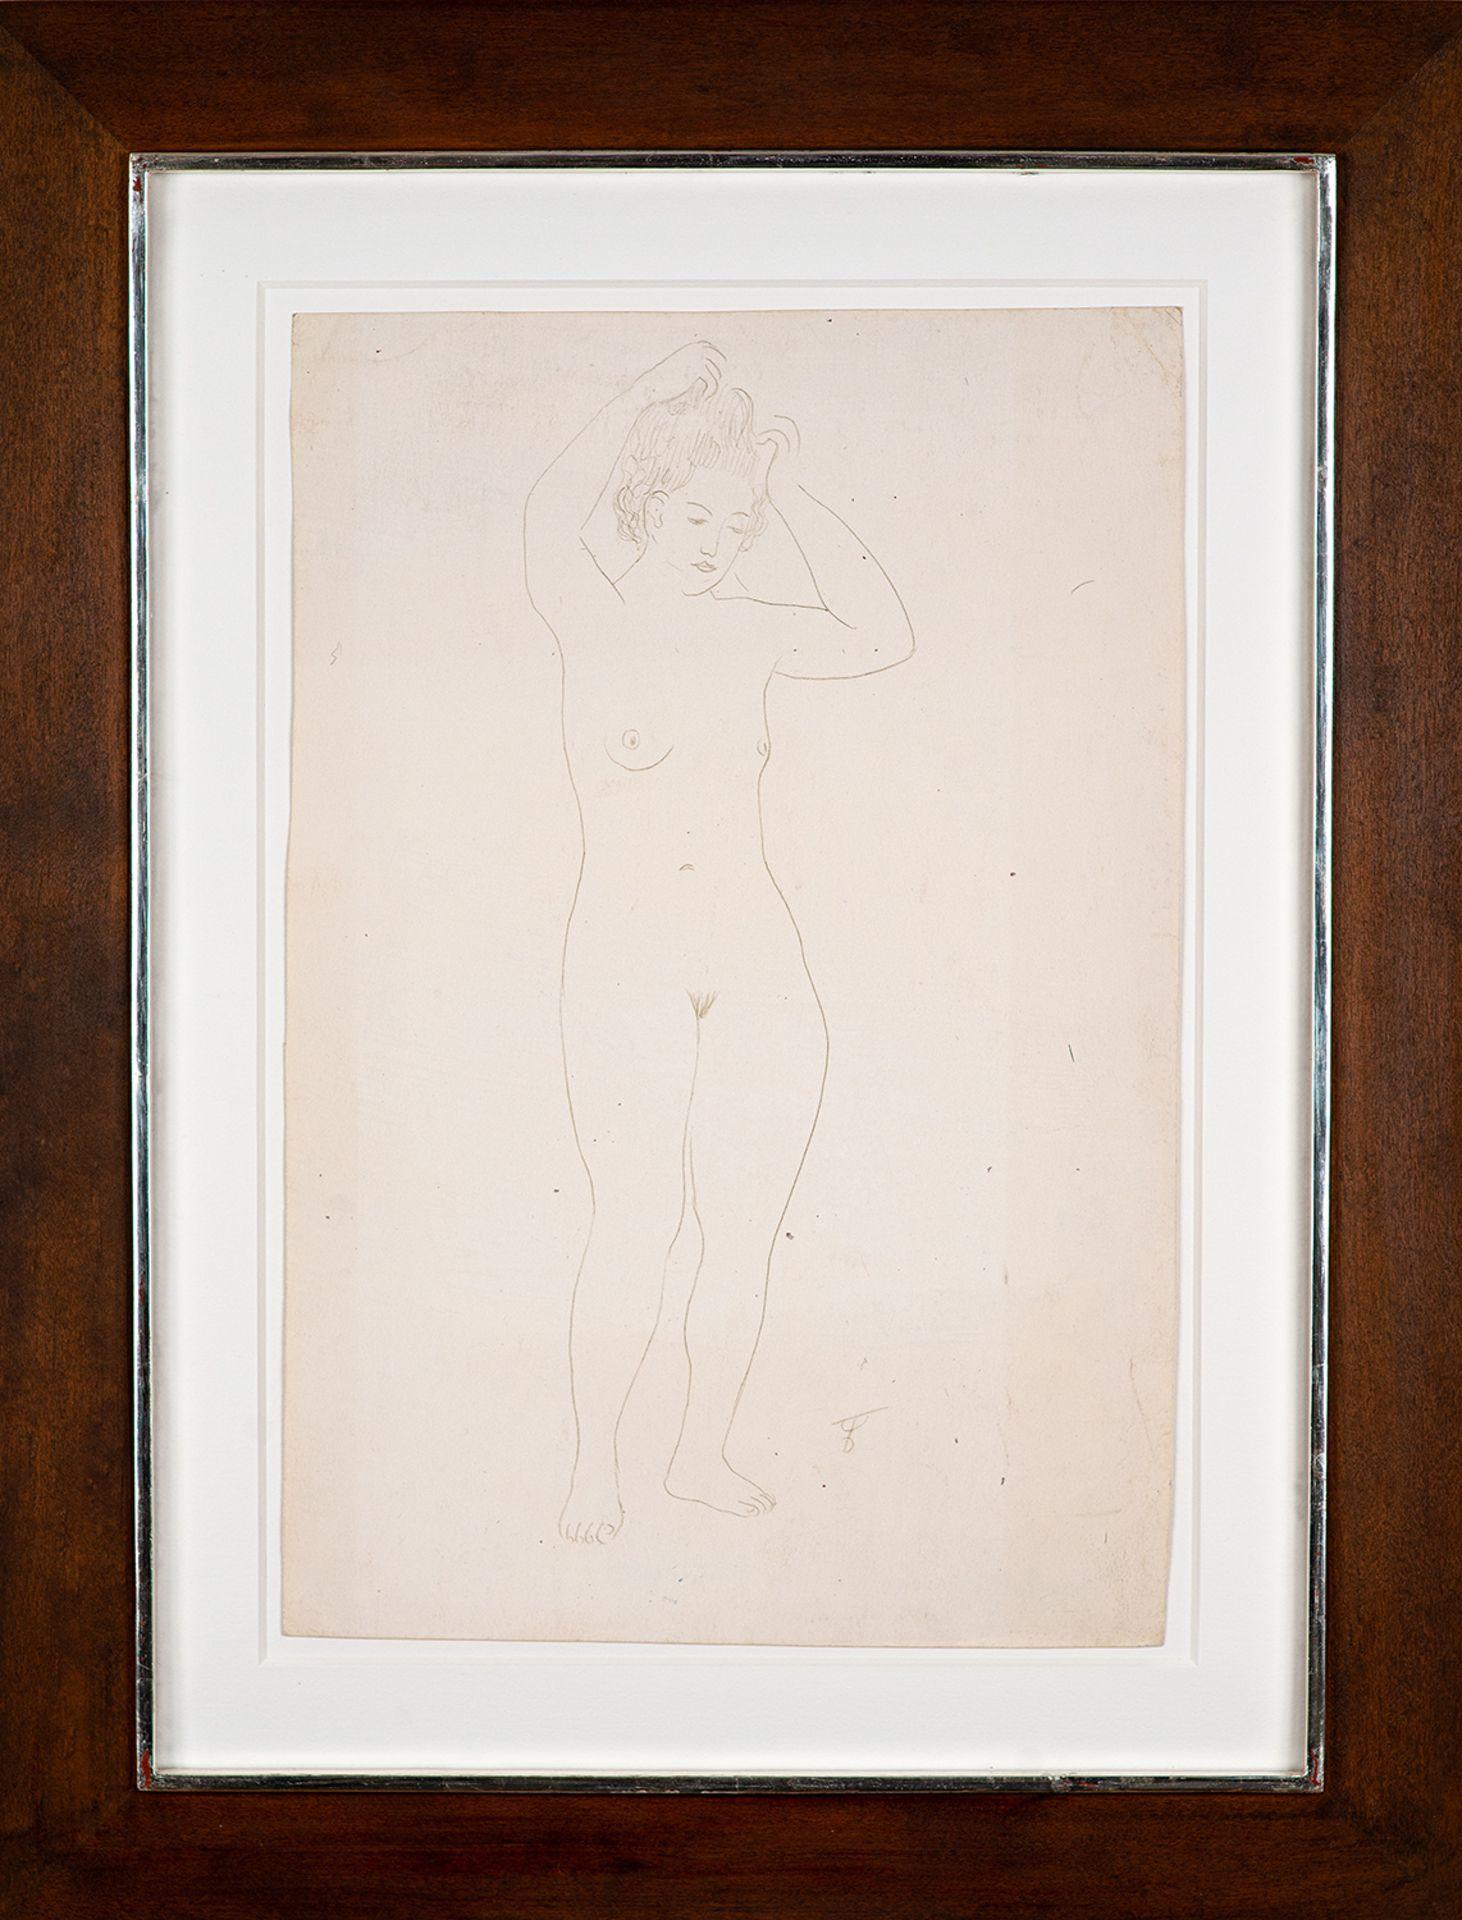 August Wilhelm Dressler – Stehender weiblicher Akt. um 1930. - Image 2 of 4